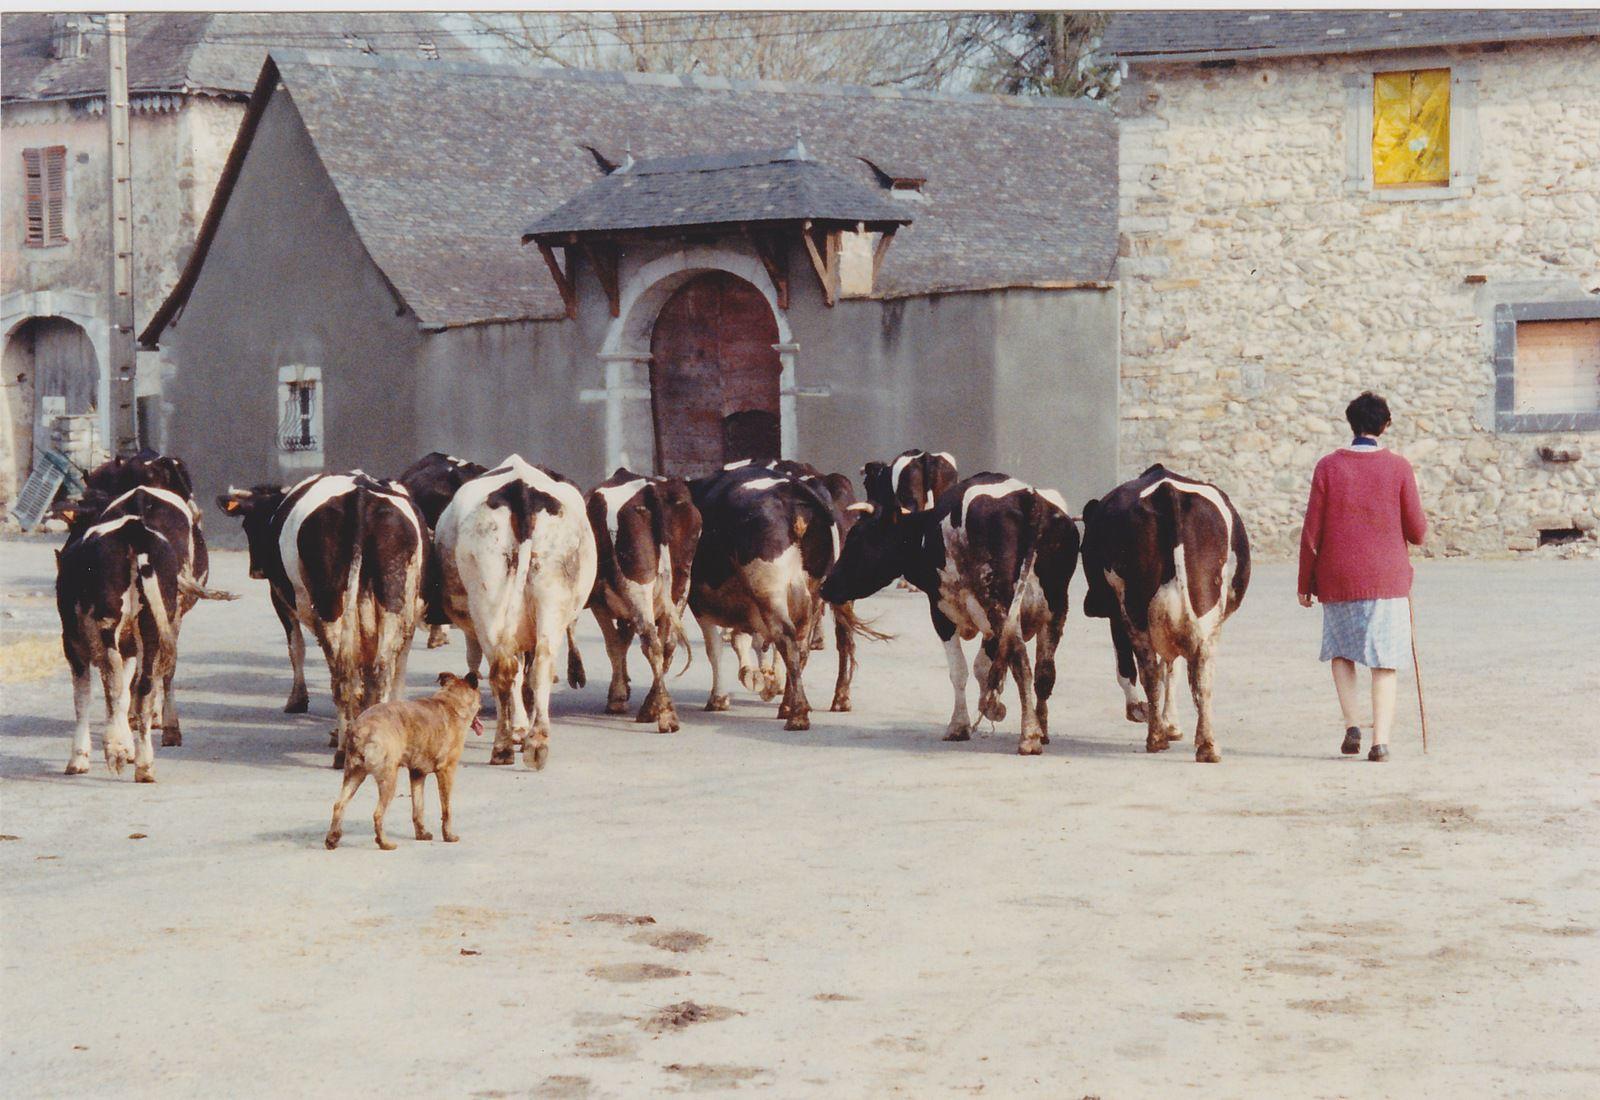 Les Ogeulois reconnaitront le troupeau et sa propriétaire. Bientôt d'autres images vont arriver grâce auxquelles on va encore plus remonter le temps dans l'histoire du village